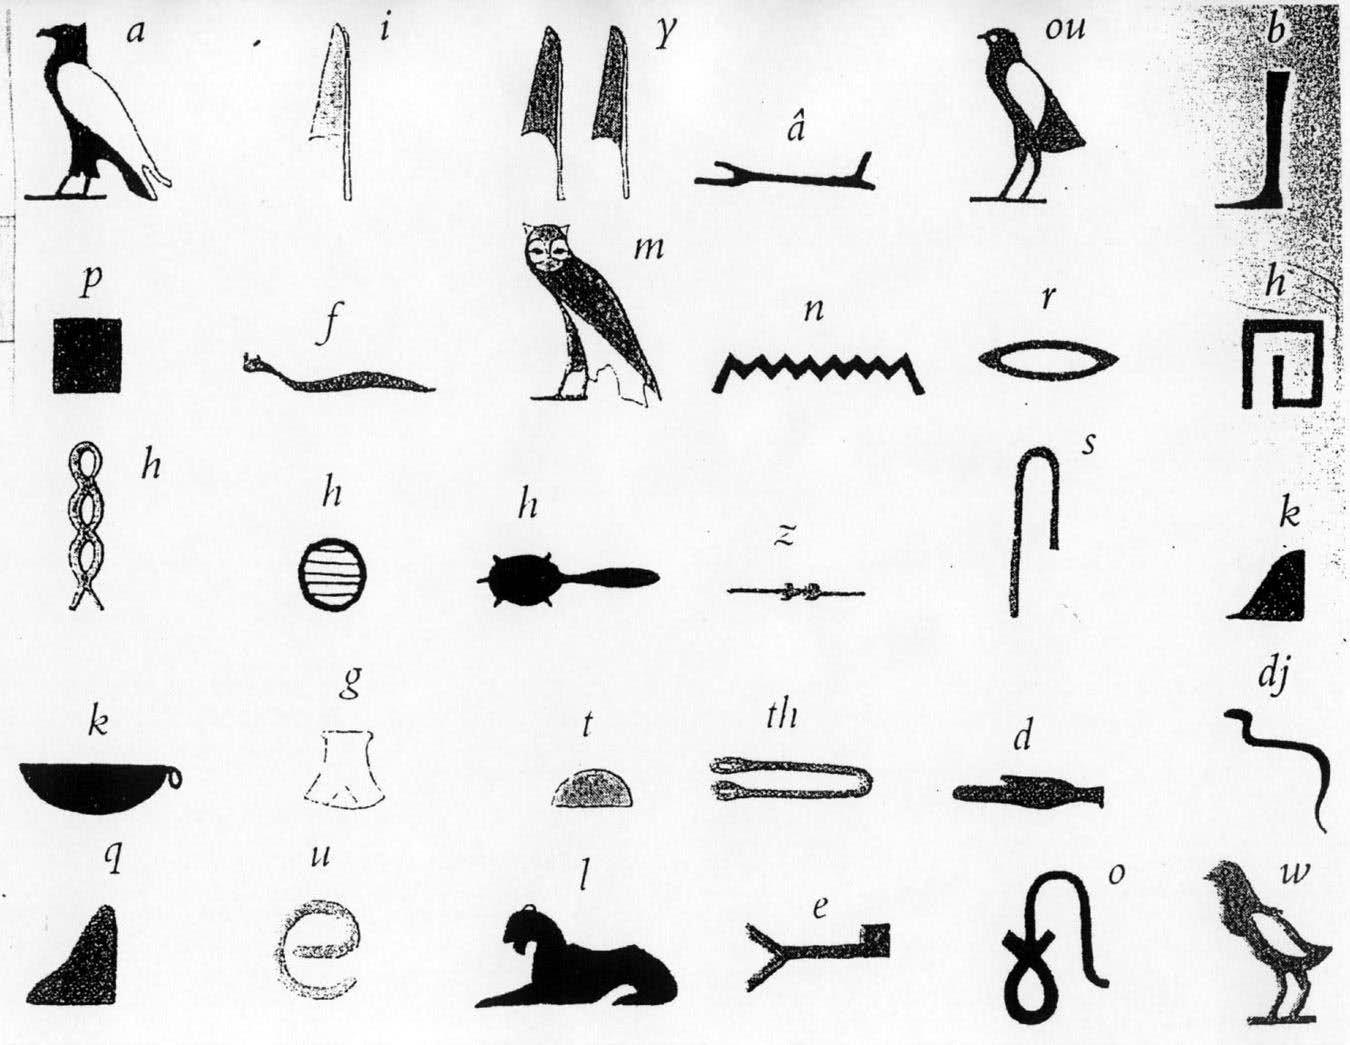 египетские символы в картинках и их значение женщин, позирующих военной